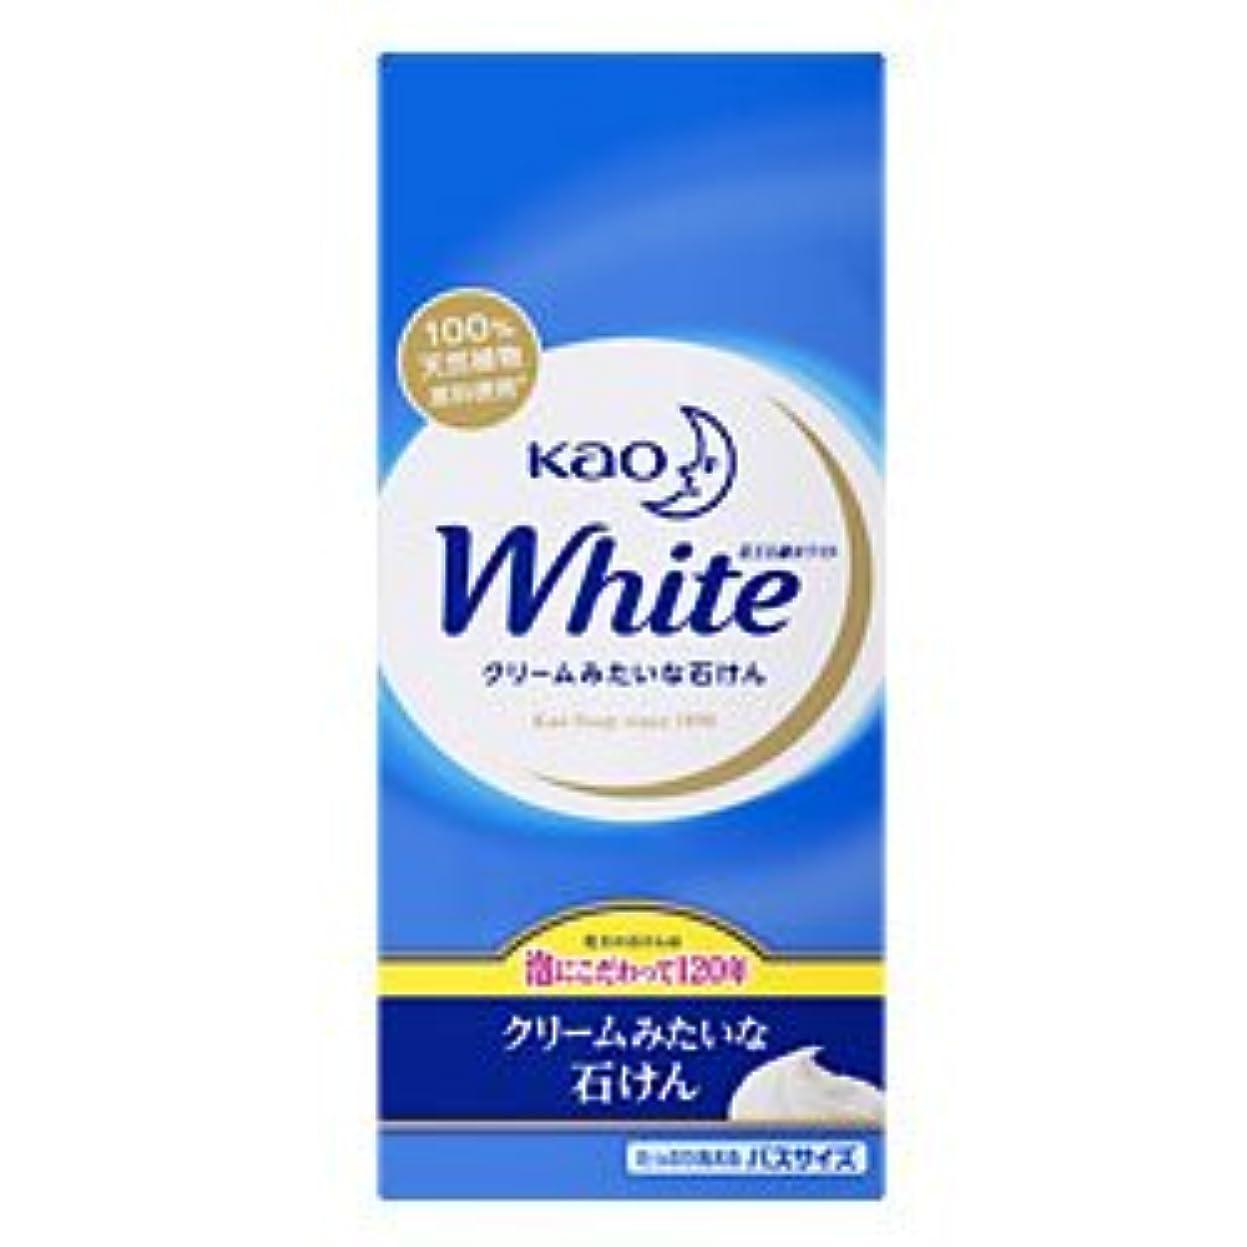 変換制限された擬人化【花王】花王ホワイト バスサイズ 130g×6個 ×20個セット